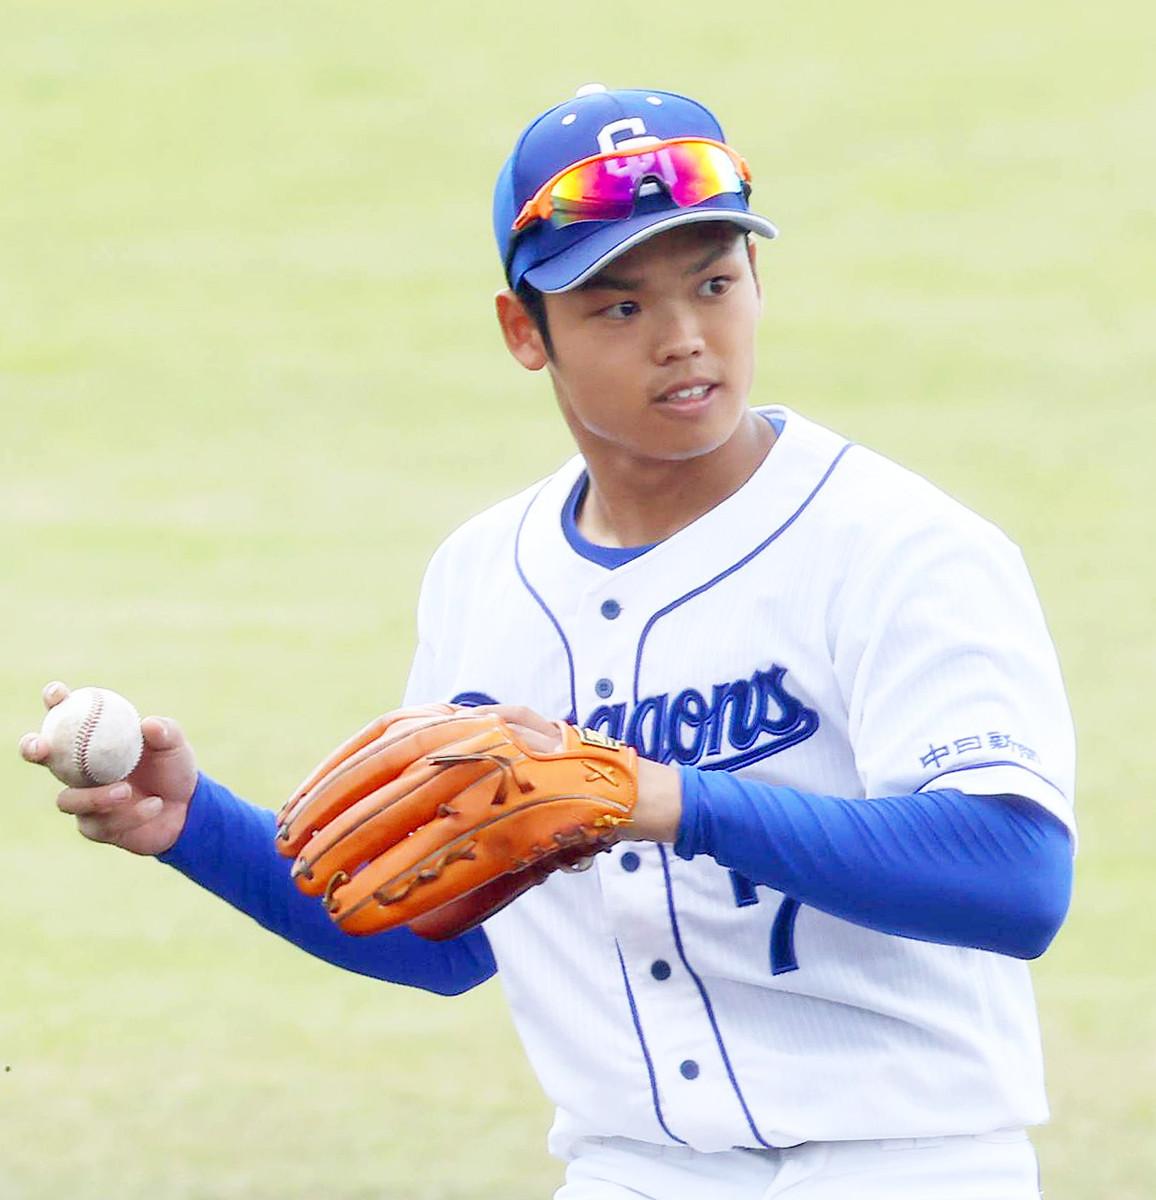 根尾、来月から外野起用へ 与田監督「1番の目的は1軍の試合に出すこと」